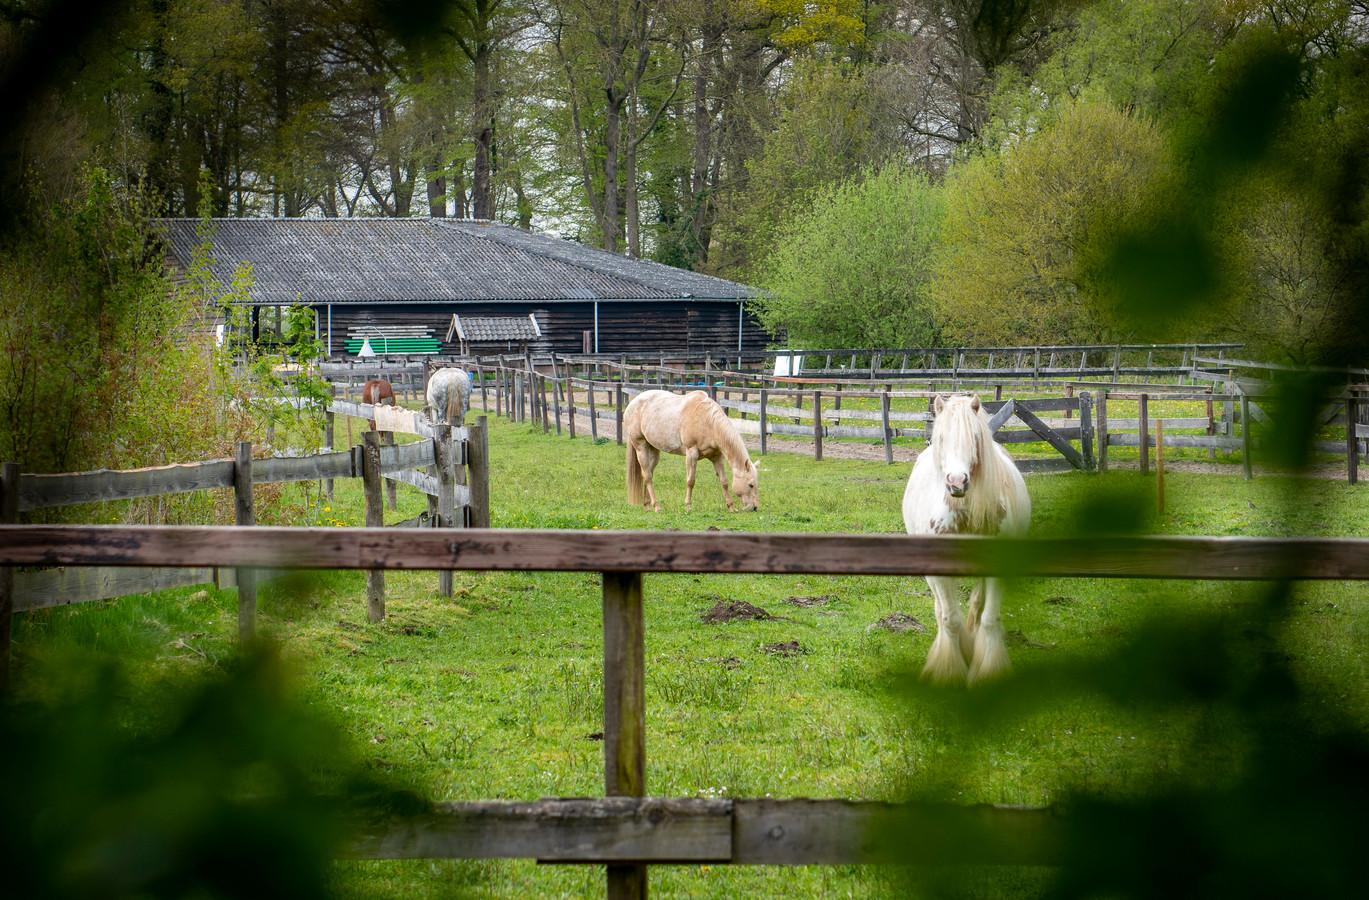 De paarden op het terrein van het paardenpark Xtreme Trail in Empe, waar gisteren een vrouw twee keer werd getrapt door een paard nadat ze een hersenbloeding kreeg. De betreffende paarden op de foto waren niet betrokken bij het incident.